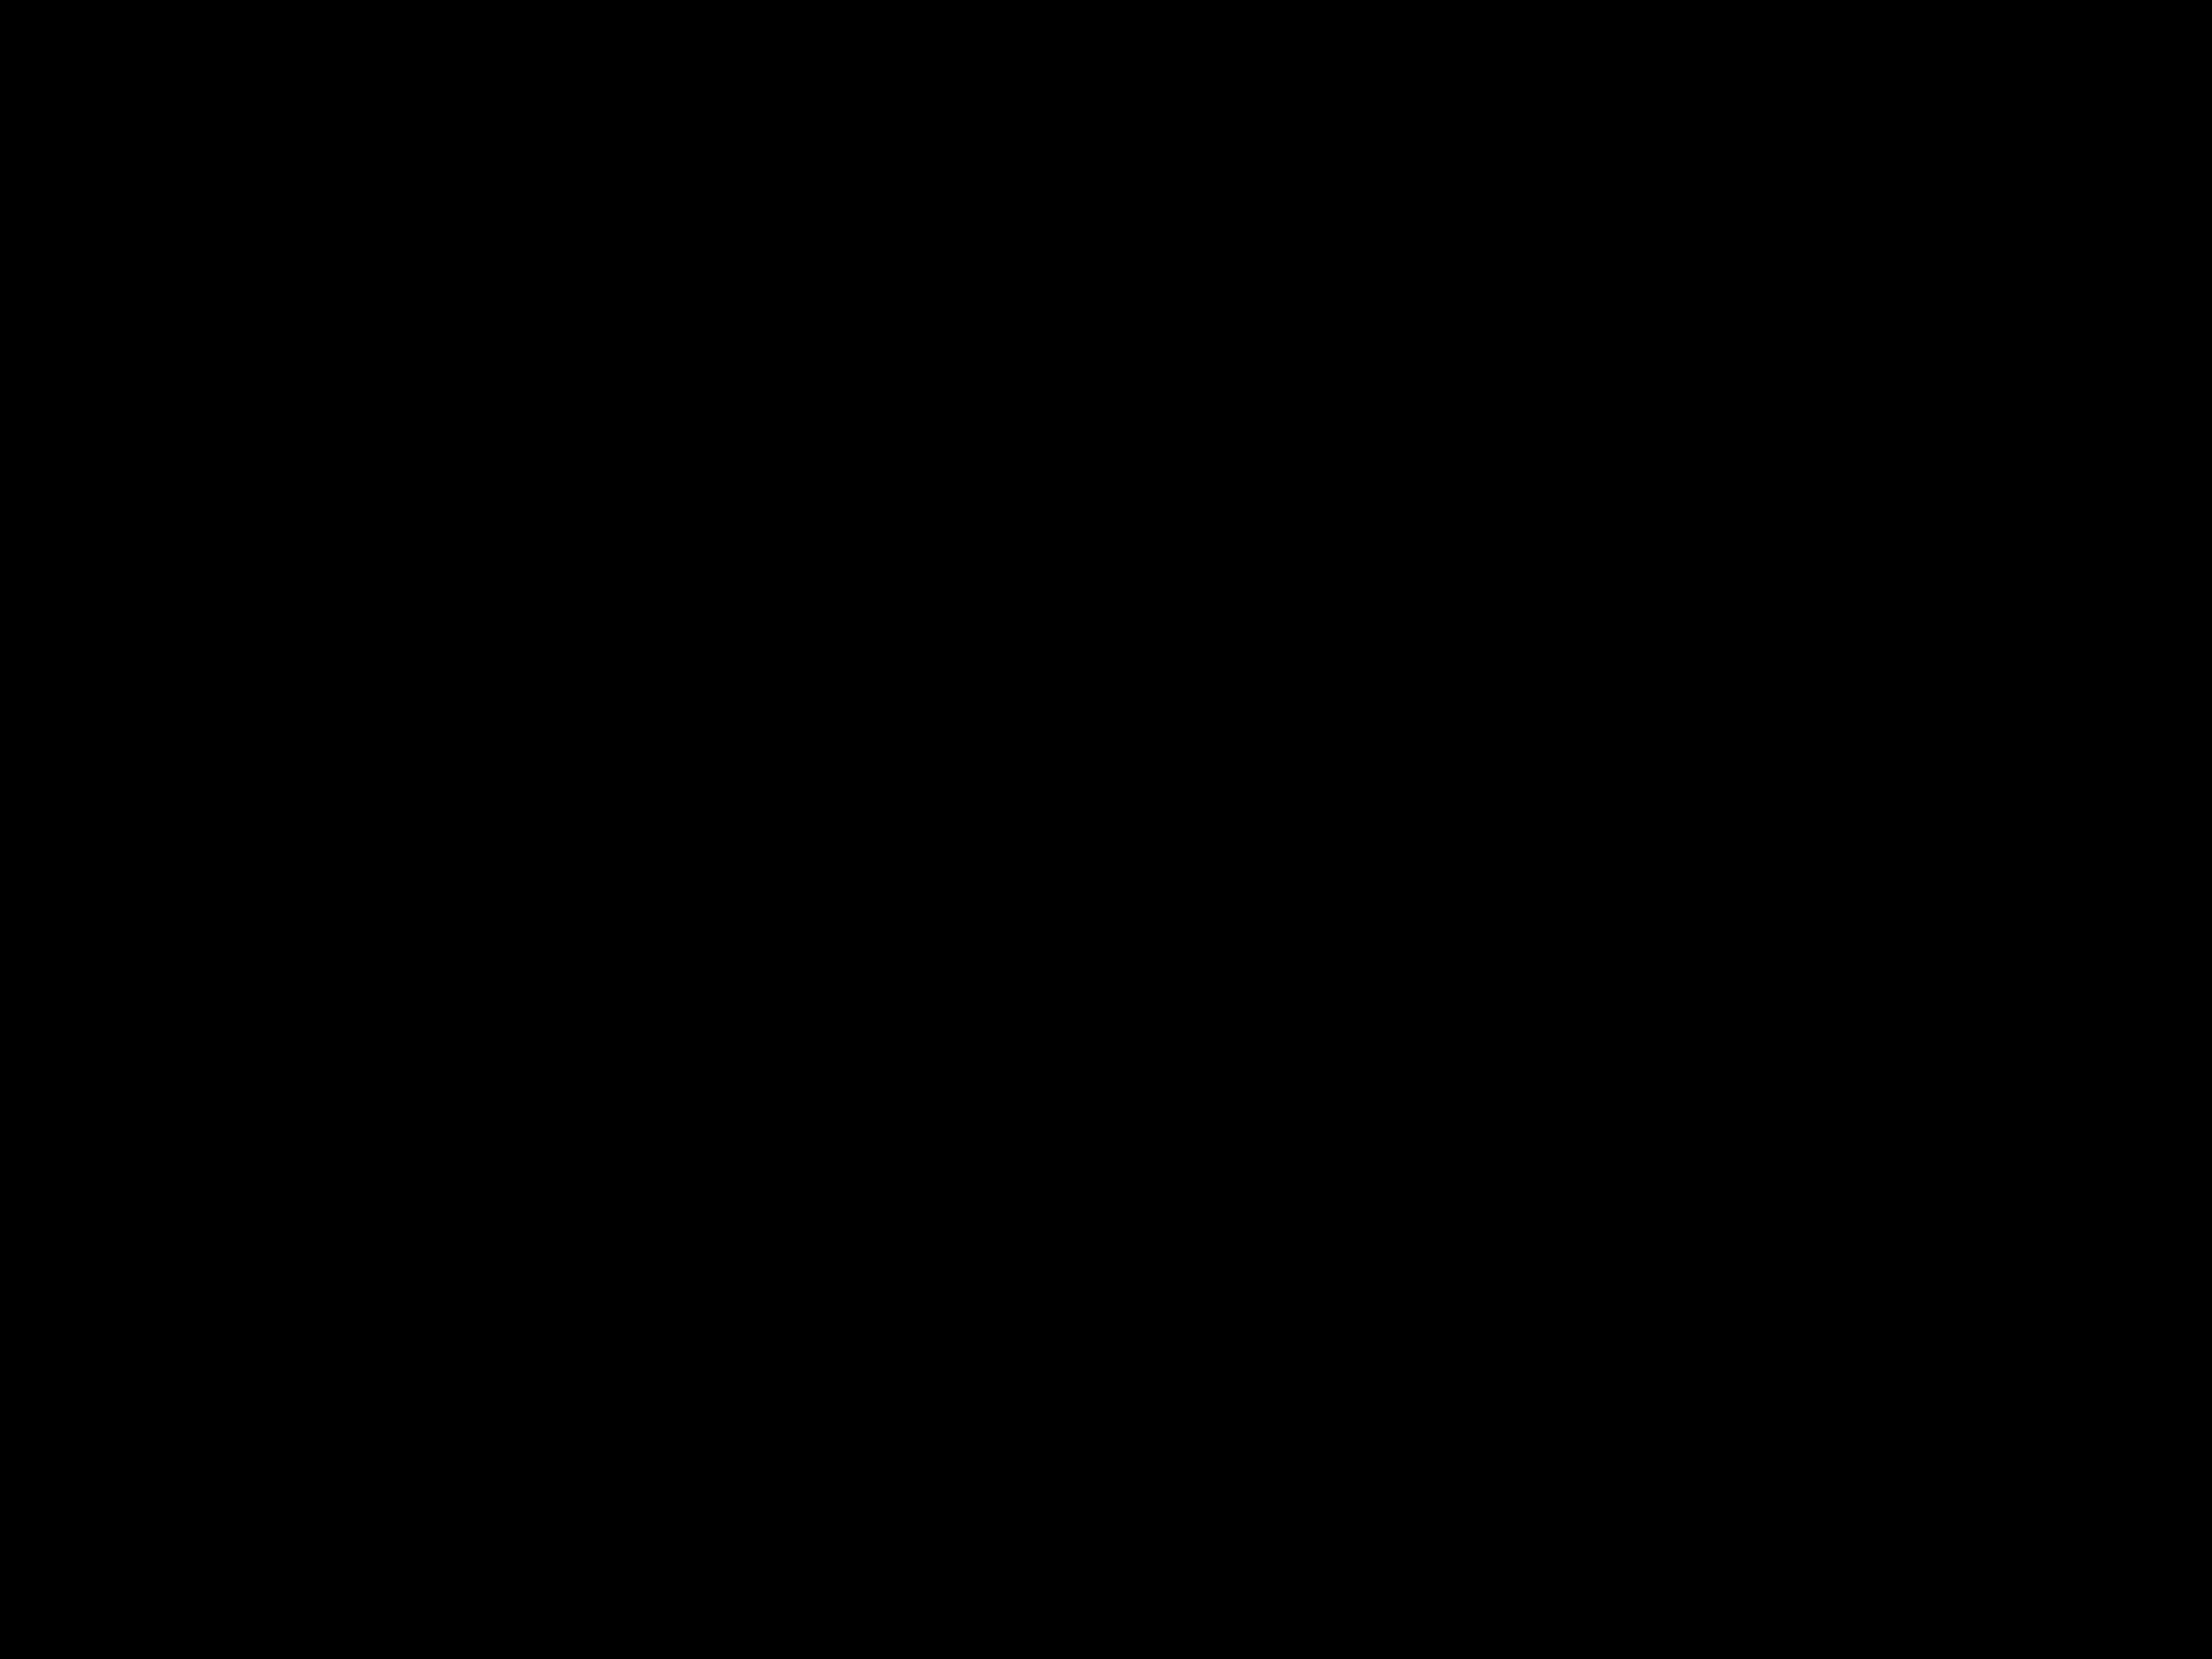 机顶盒设计|工业/产品|电子产品|fanfanny - 原创作品图片